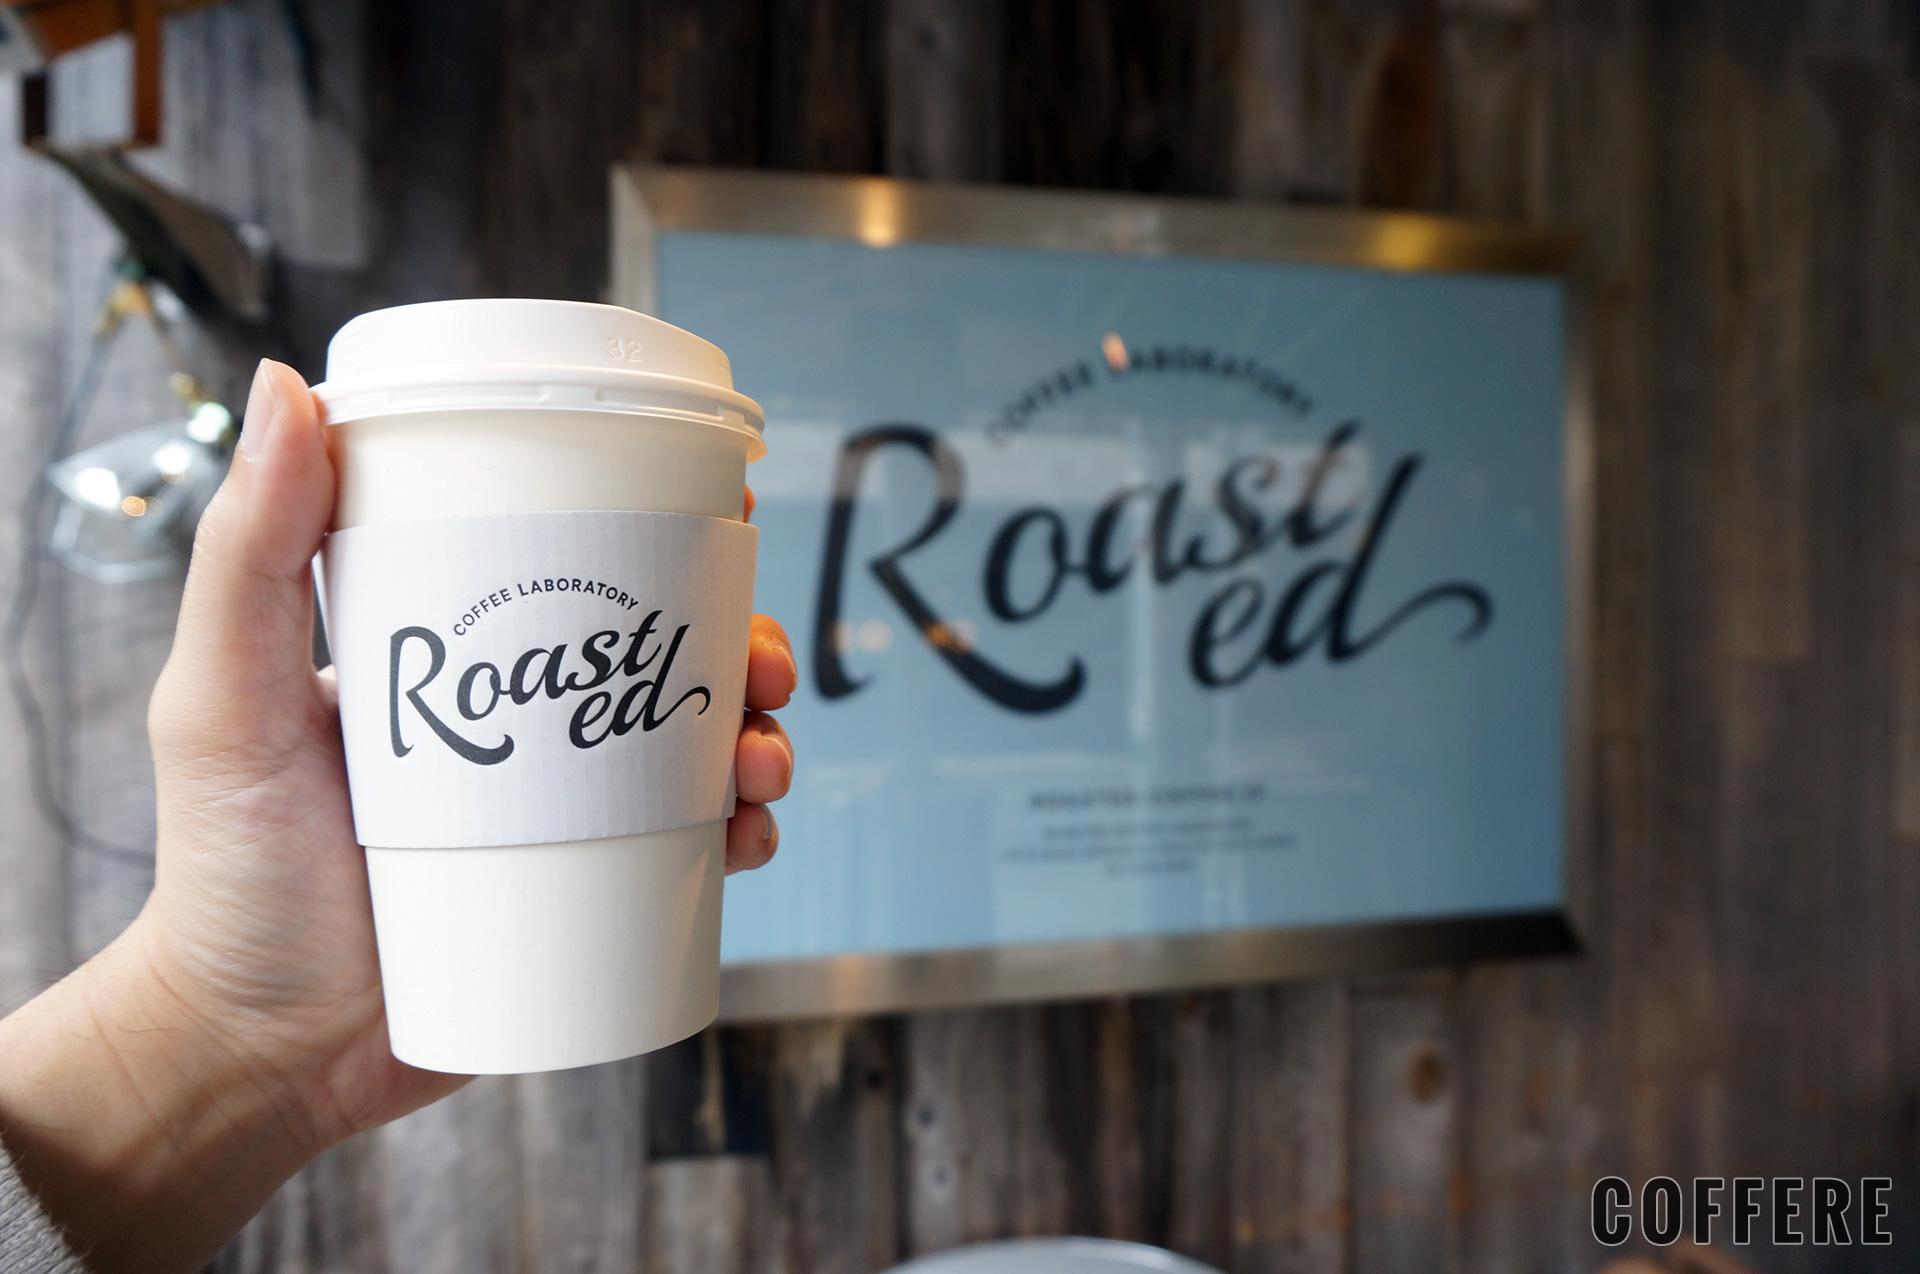 Roasted COFFEE LABORATORY 渋谷神南店の外のロゴ